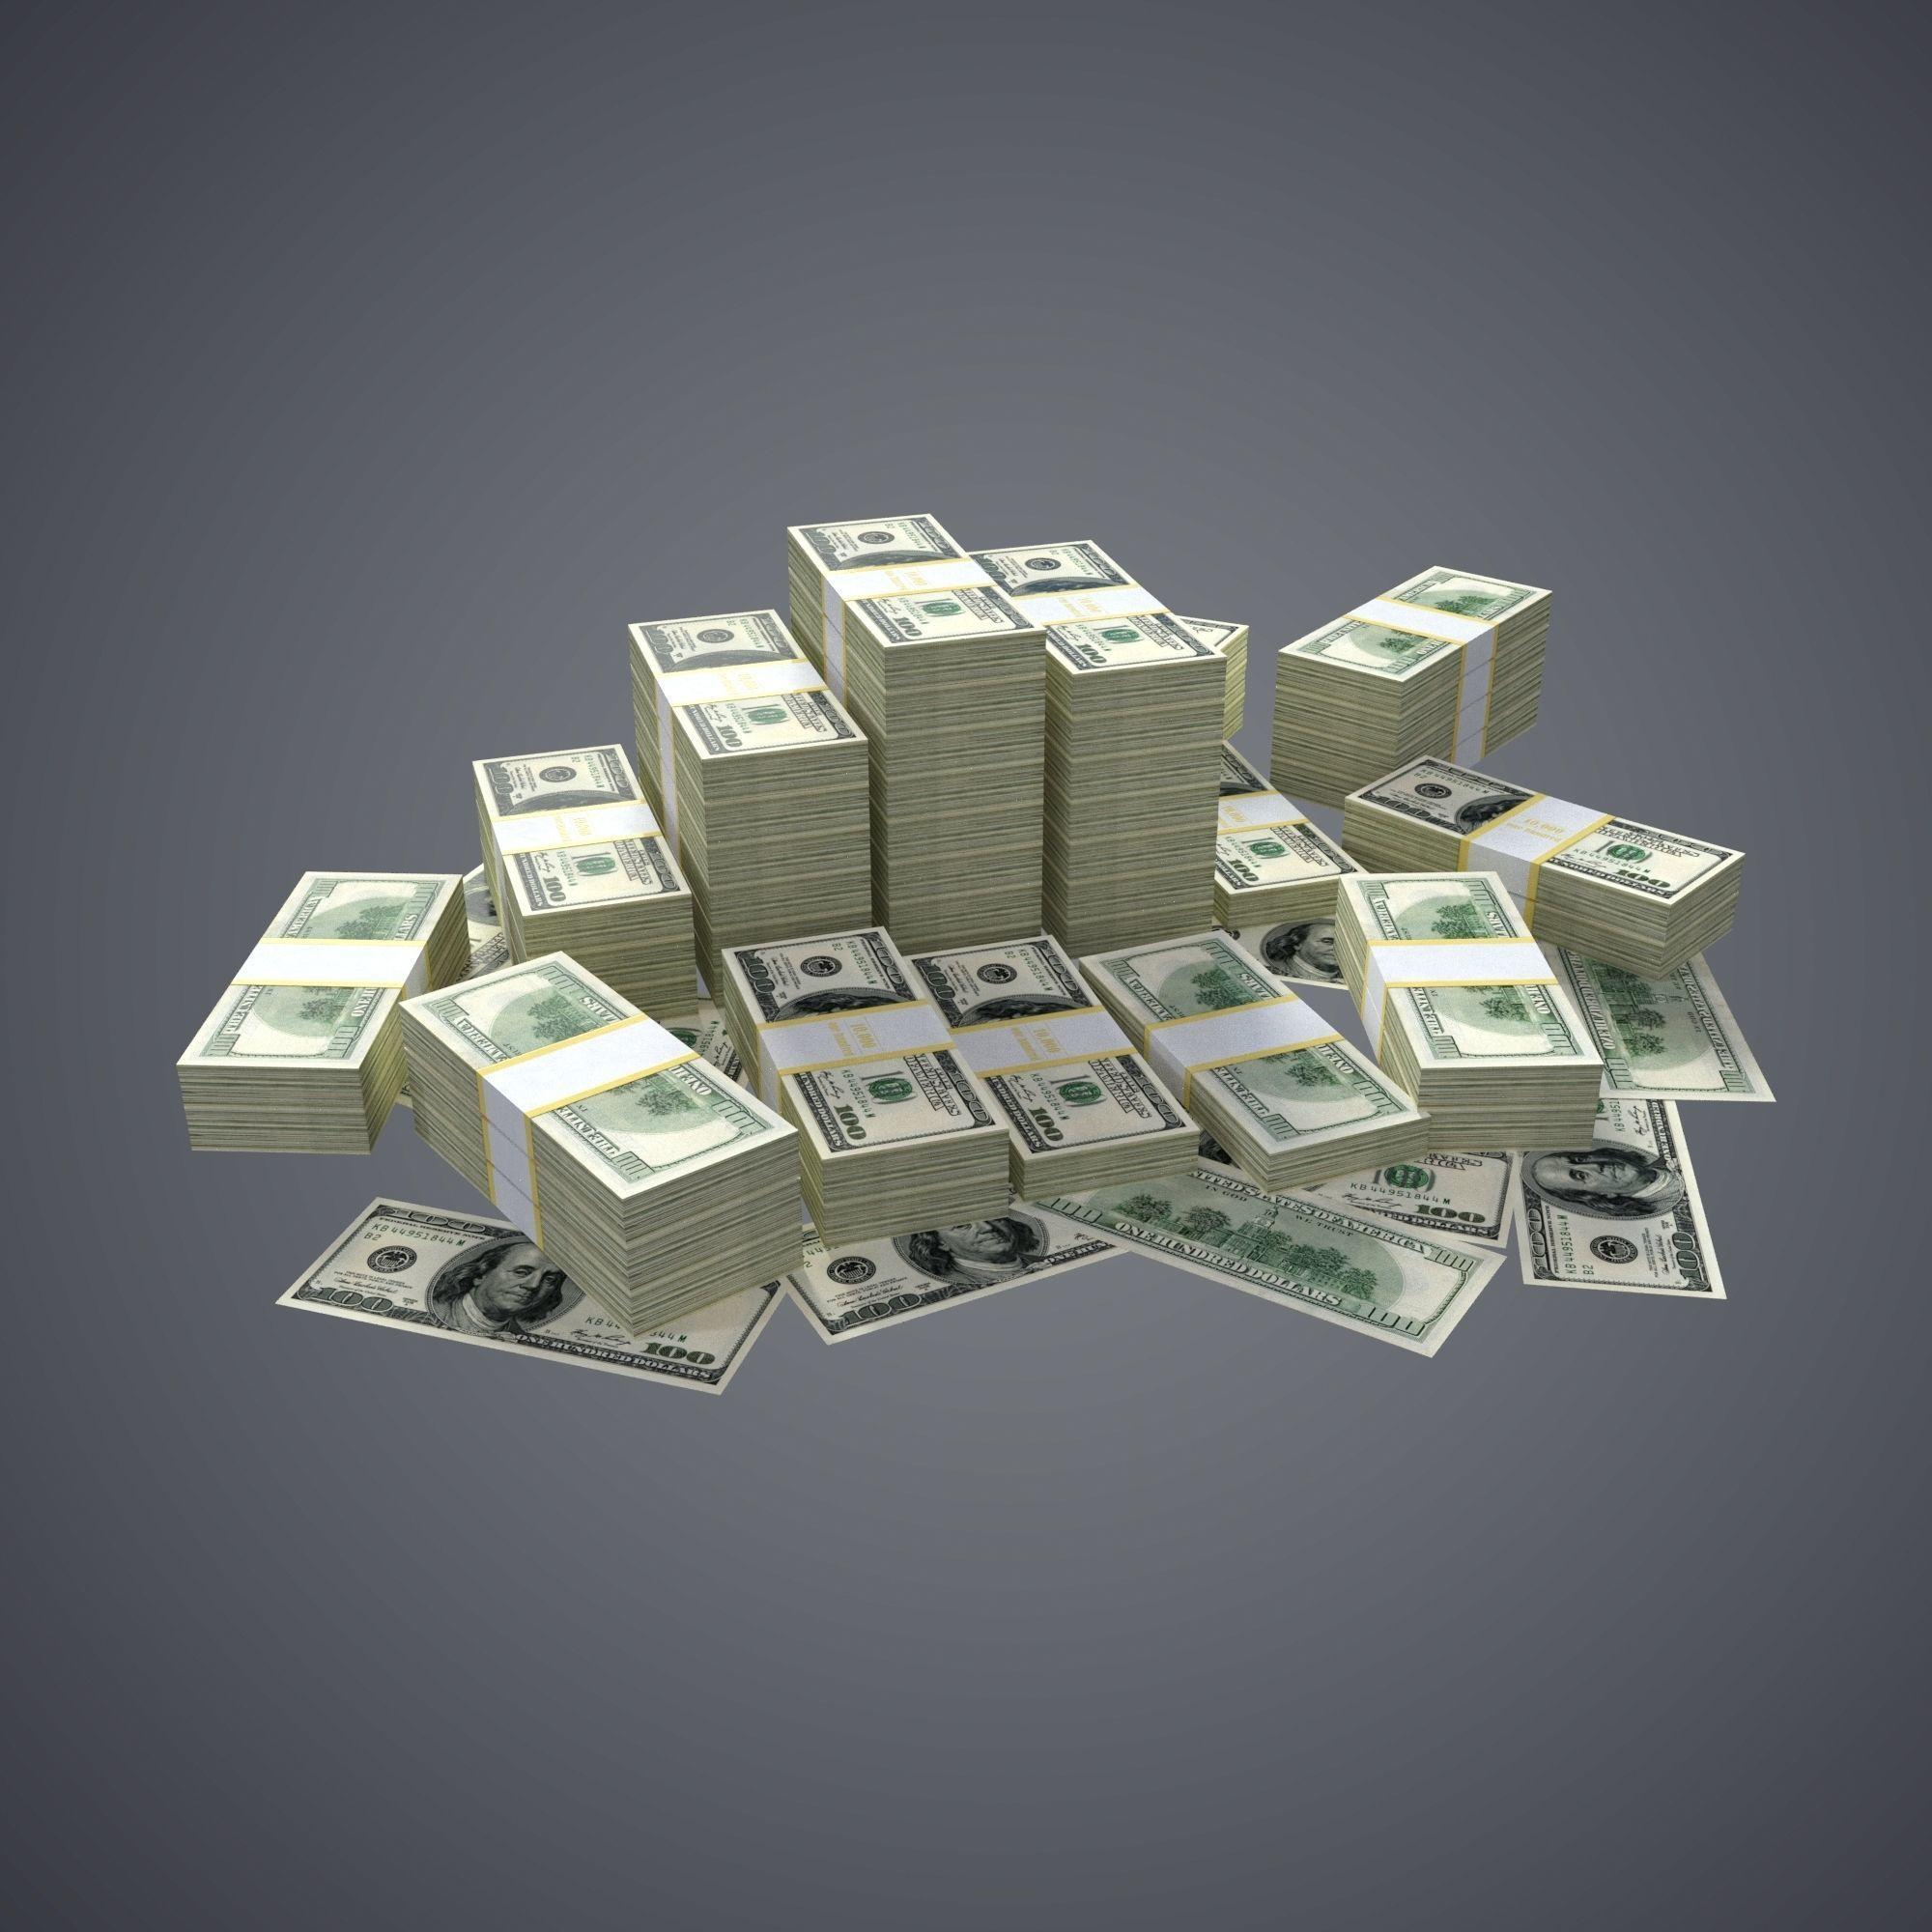 100 Dollar Bills Packs